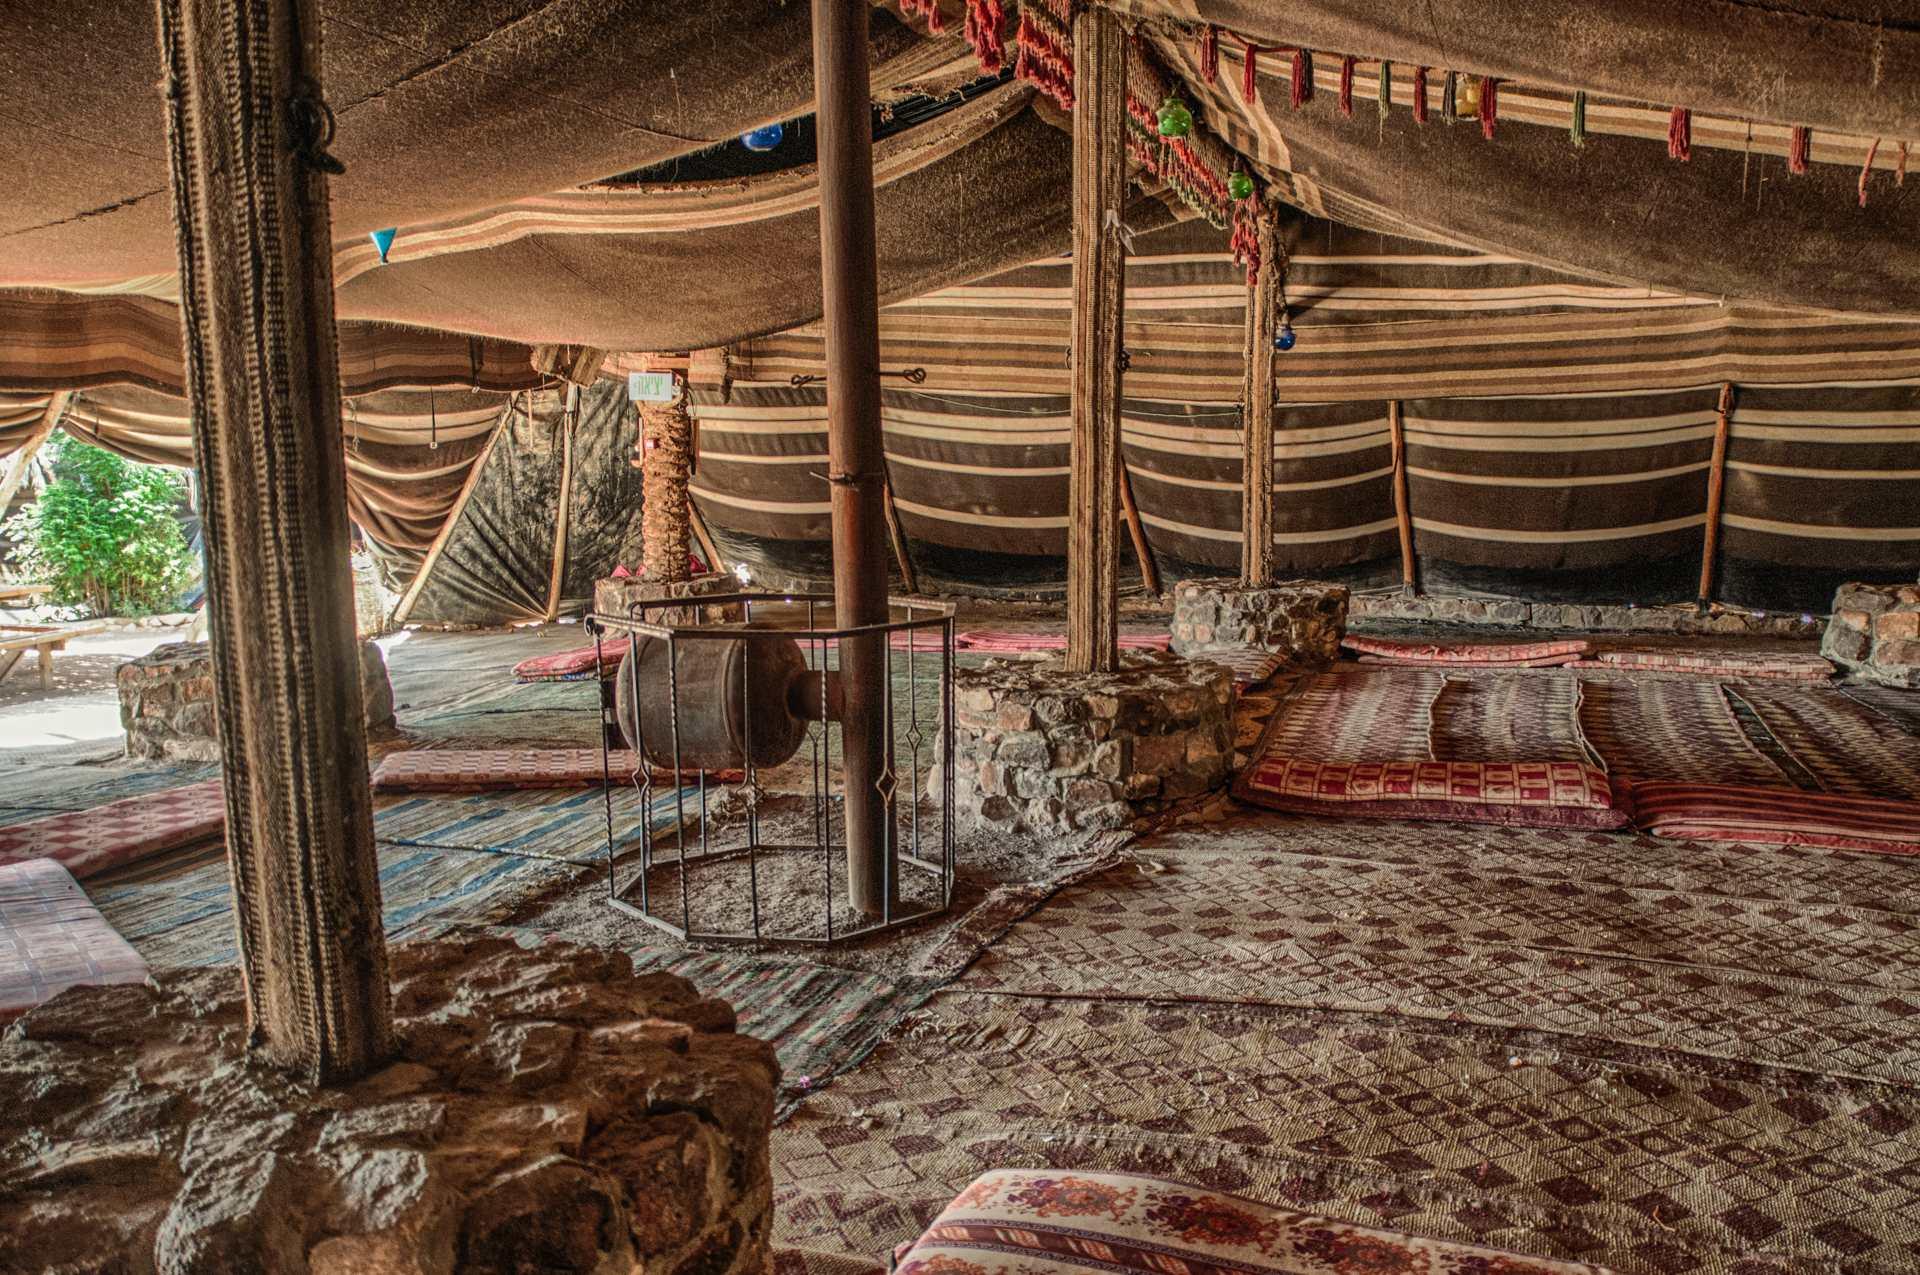 אוהל אירוח בכפר הנוקדים